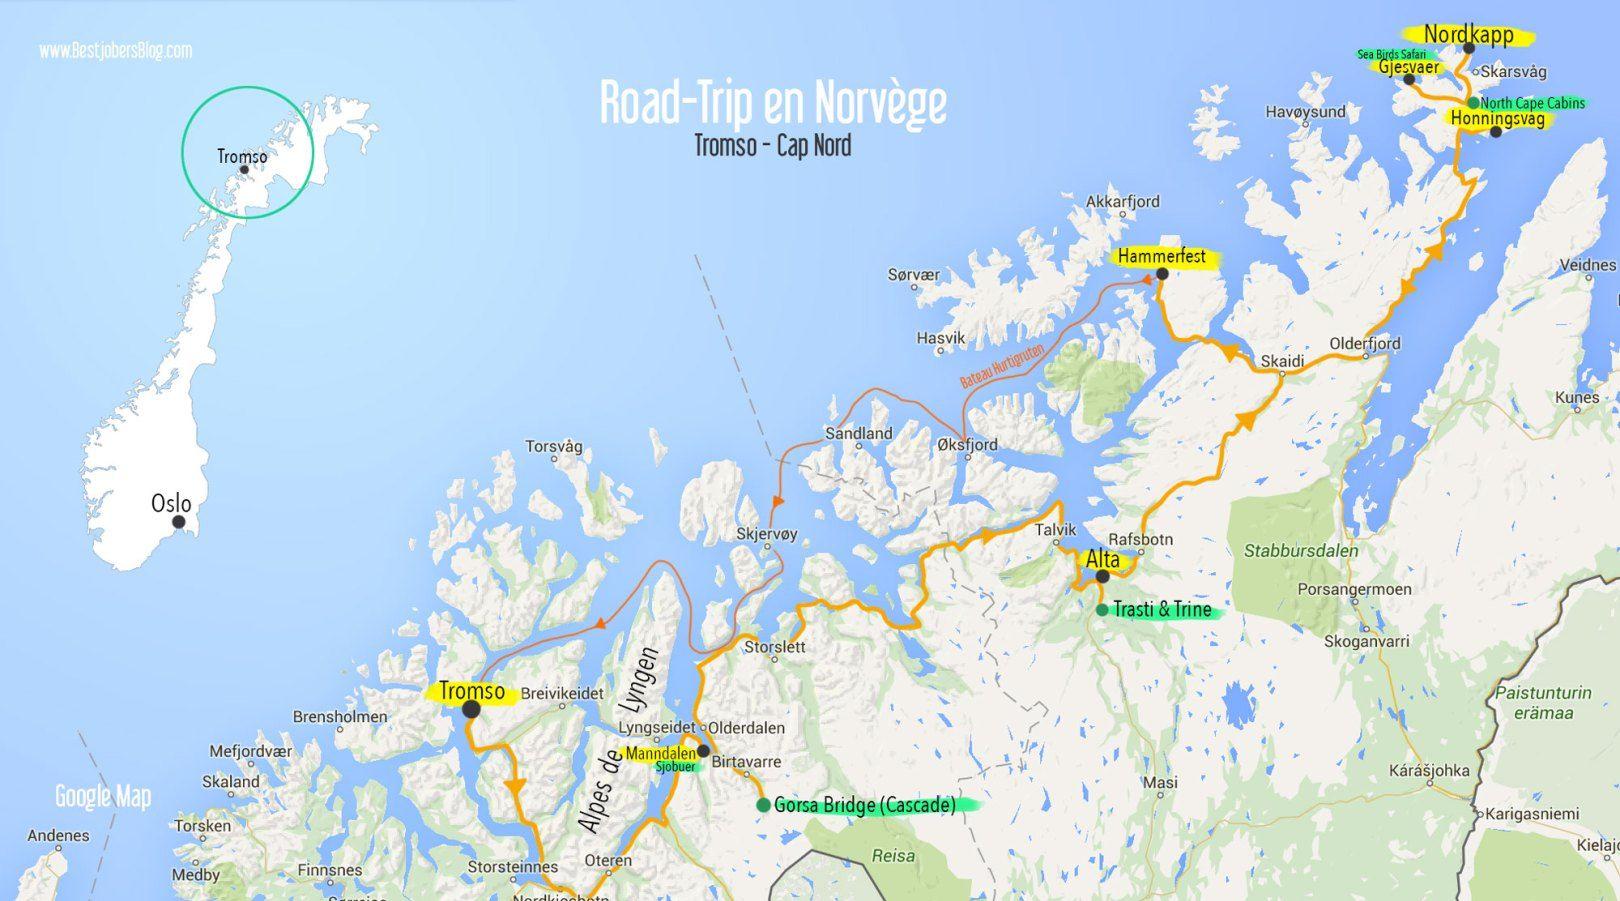 Itinéraire Road Trip Norvege Carte Tromsocap Nord Voyages - Norway map tromso